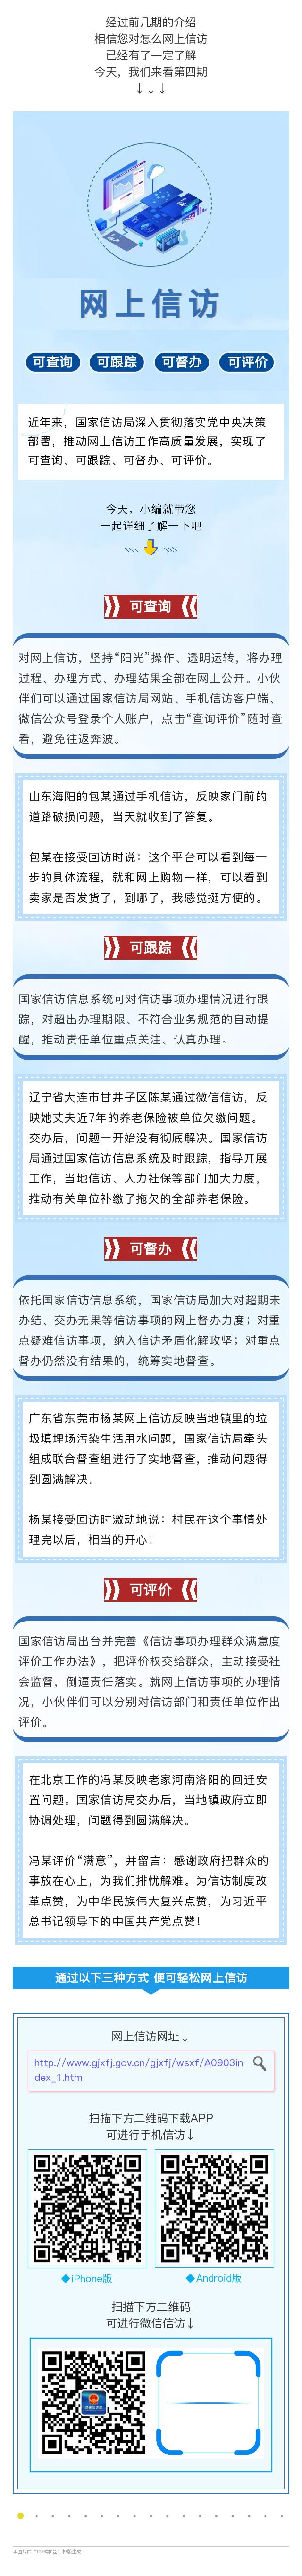 网上伊人情人综合网4.png